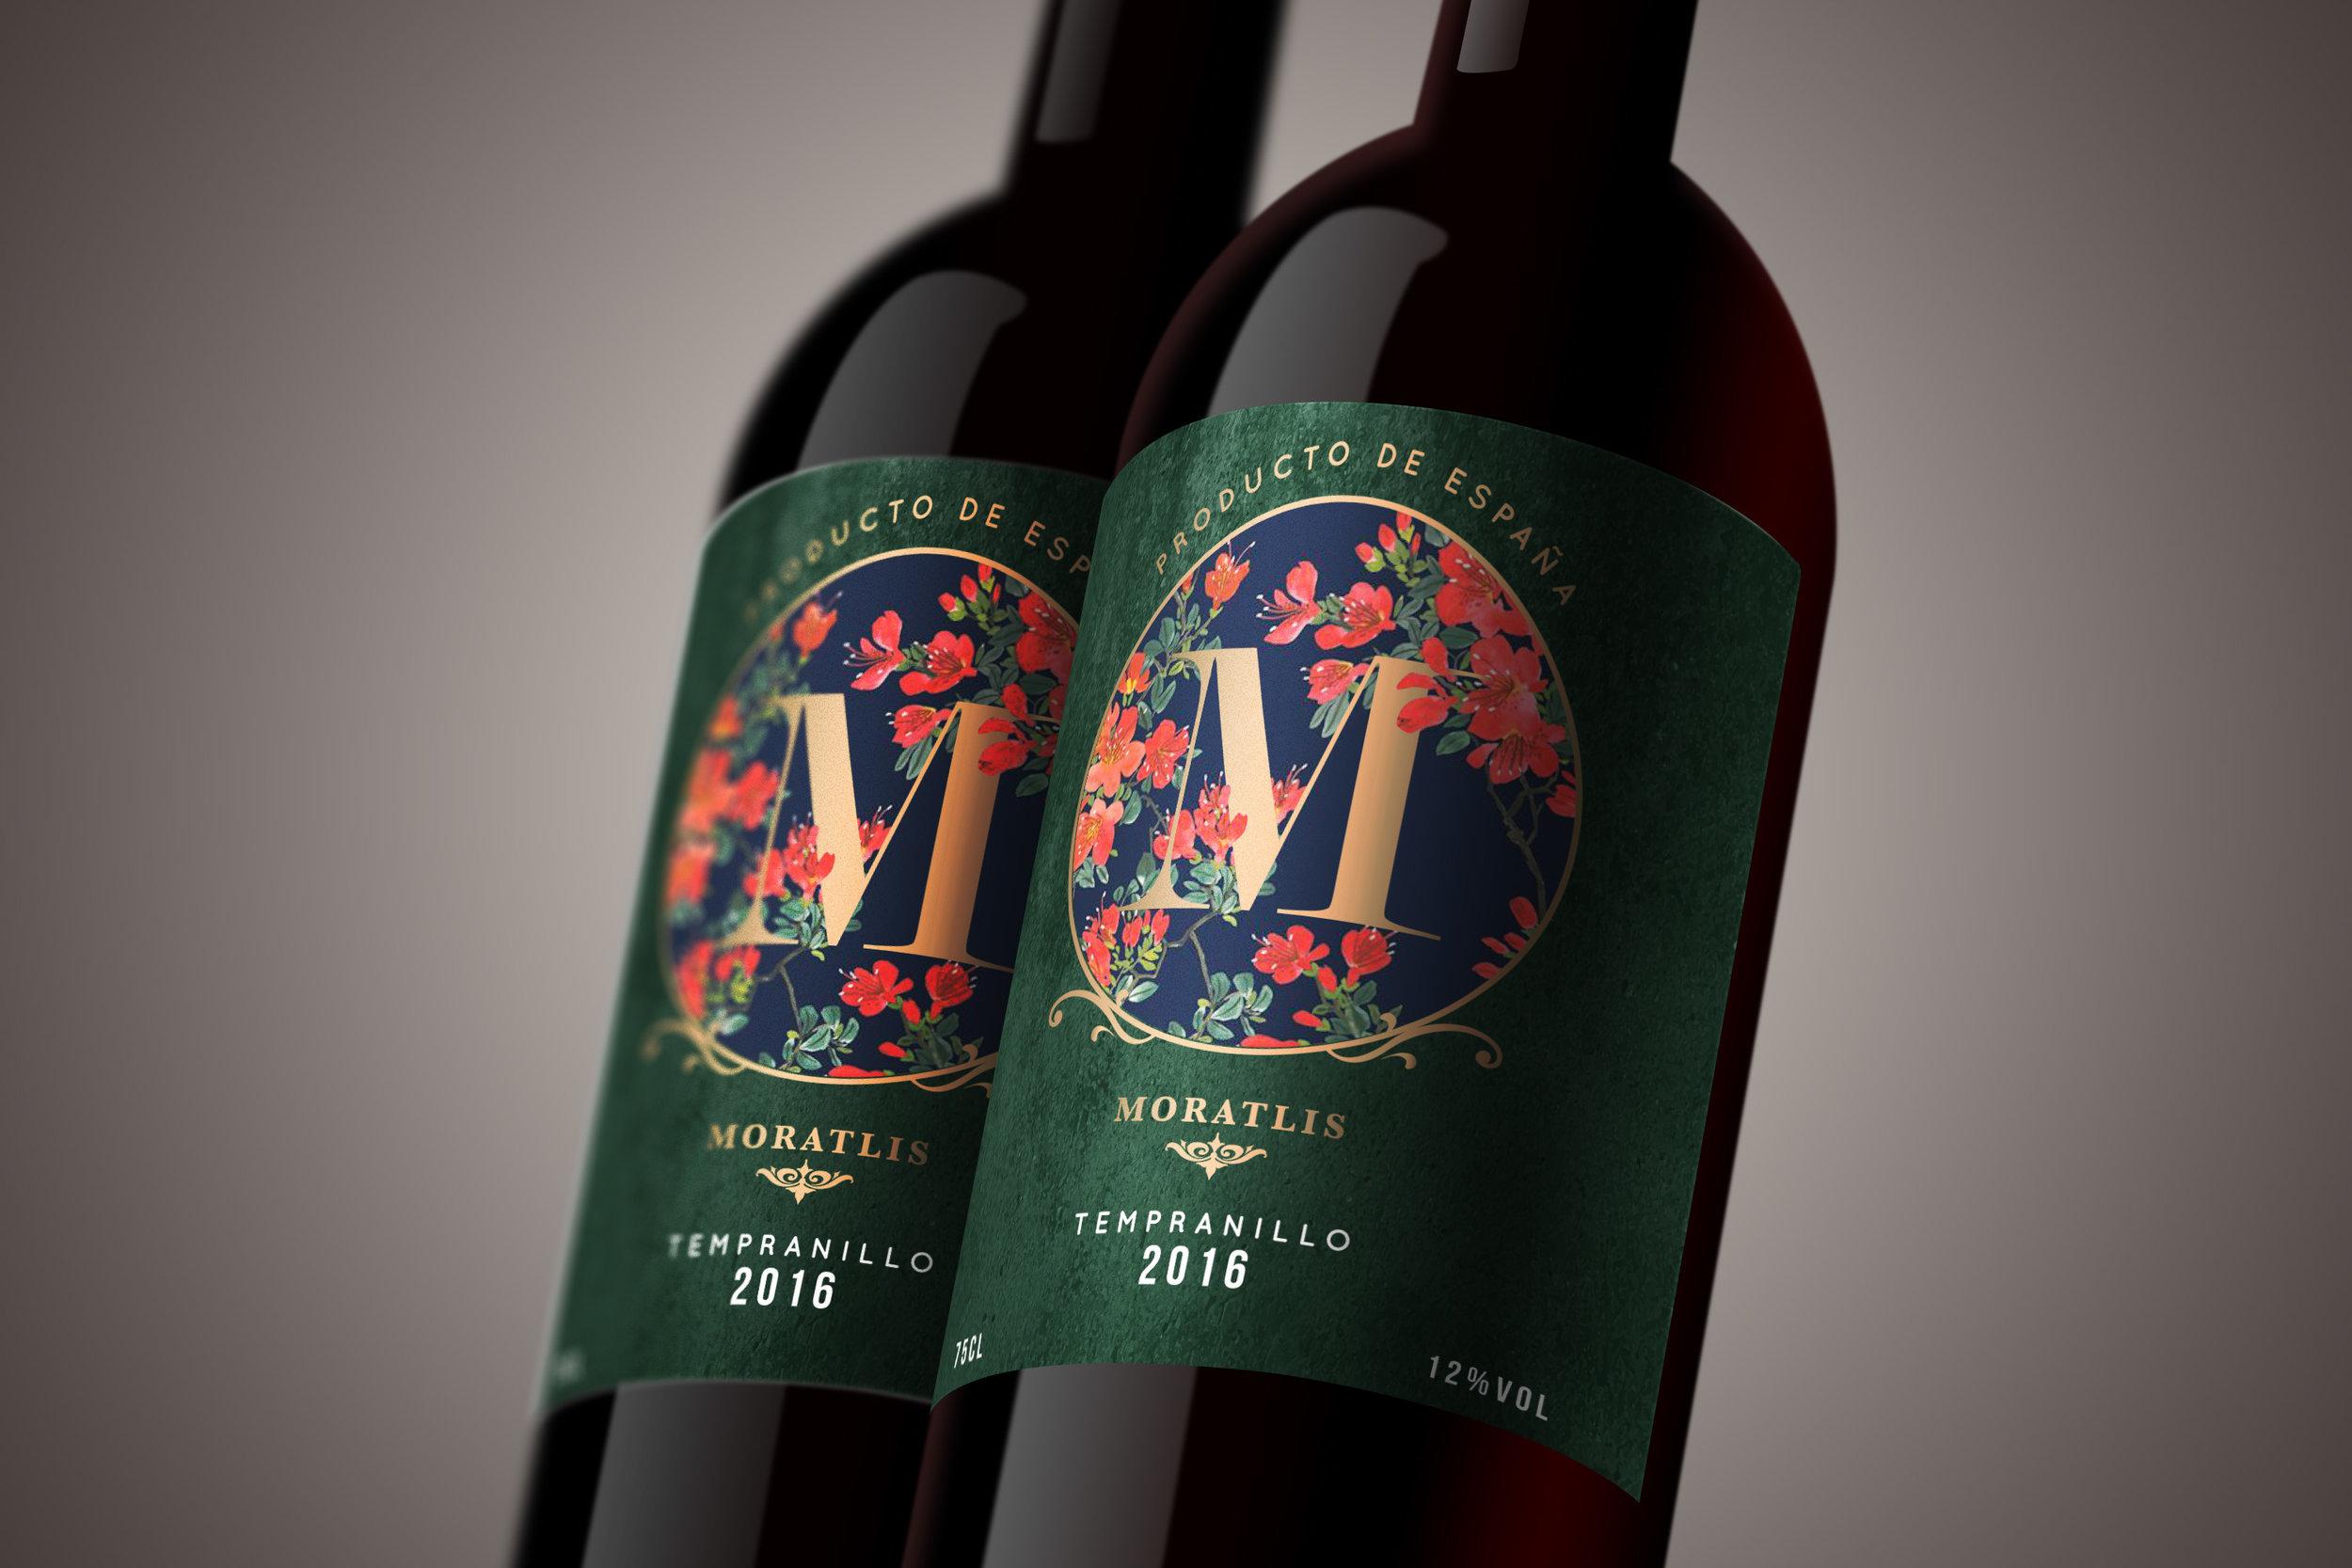 Moratlis wine-label-mockup_09.1.jpg